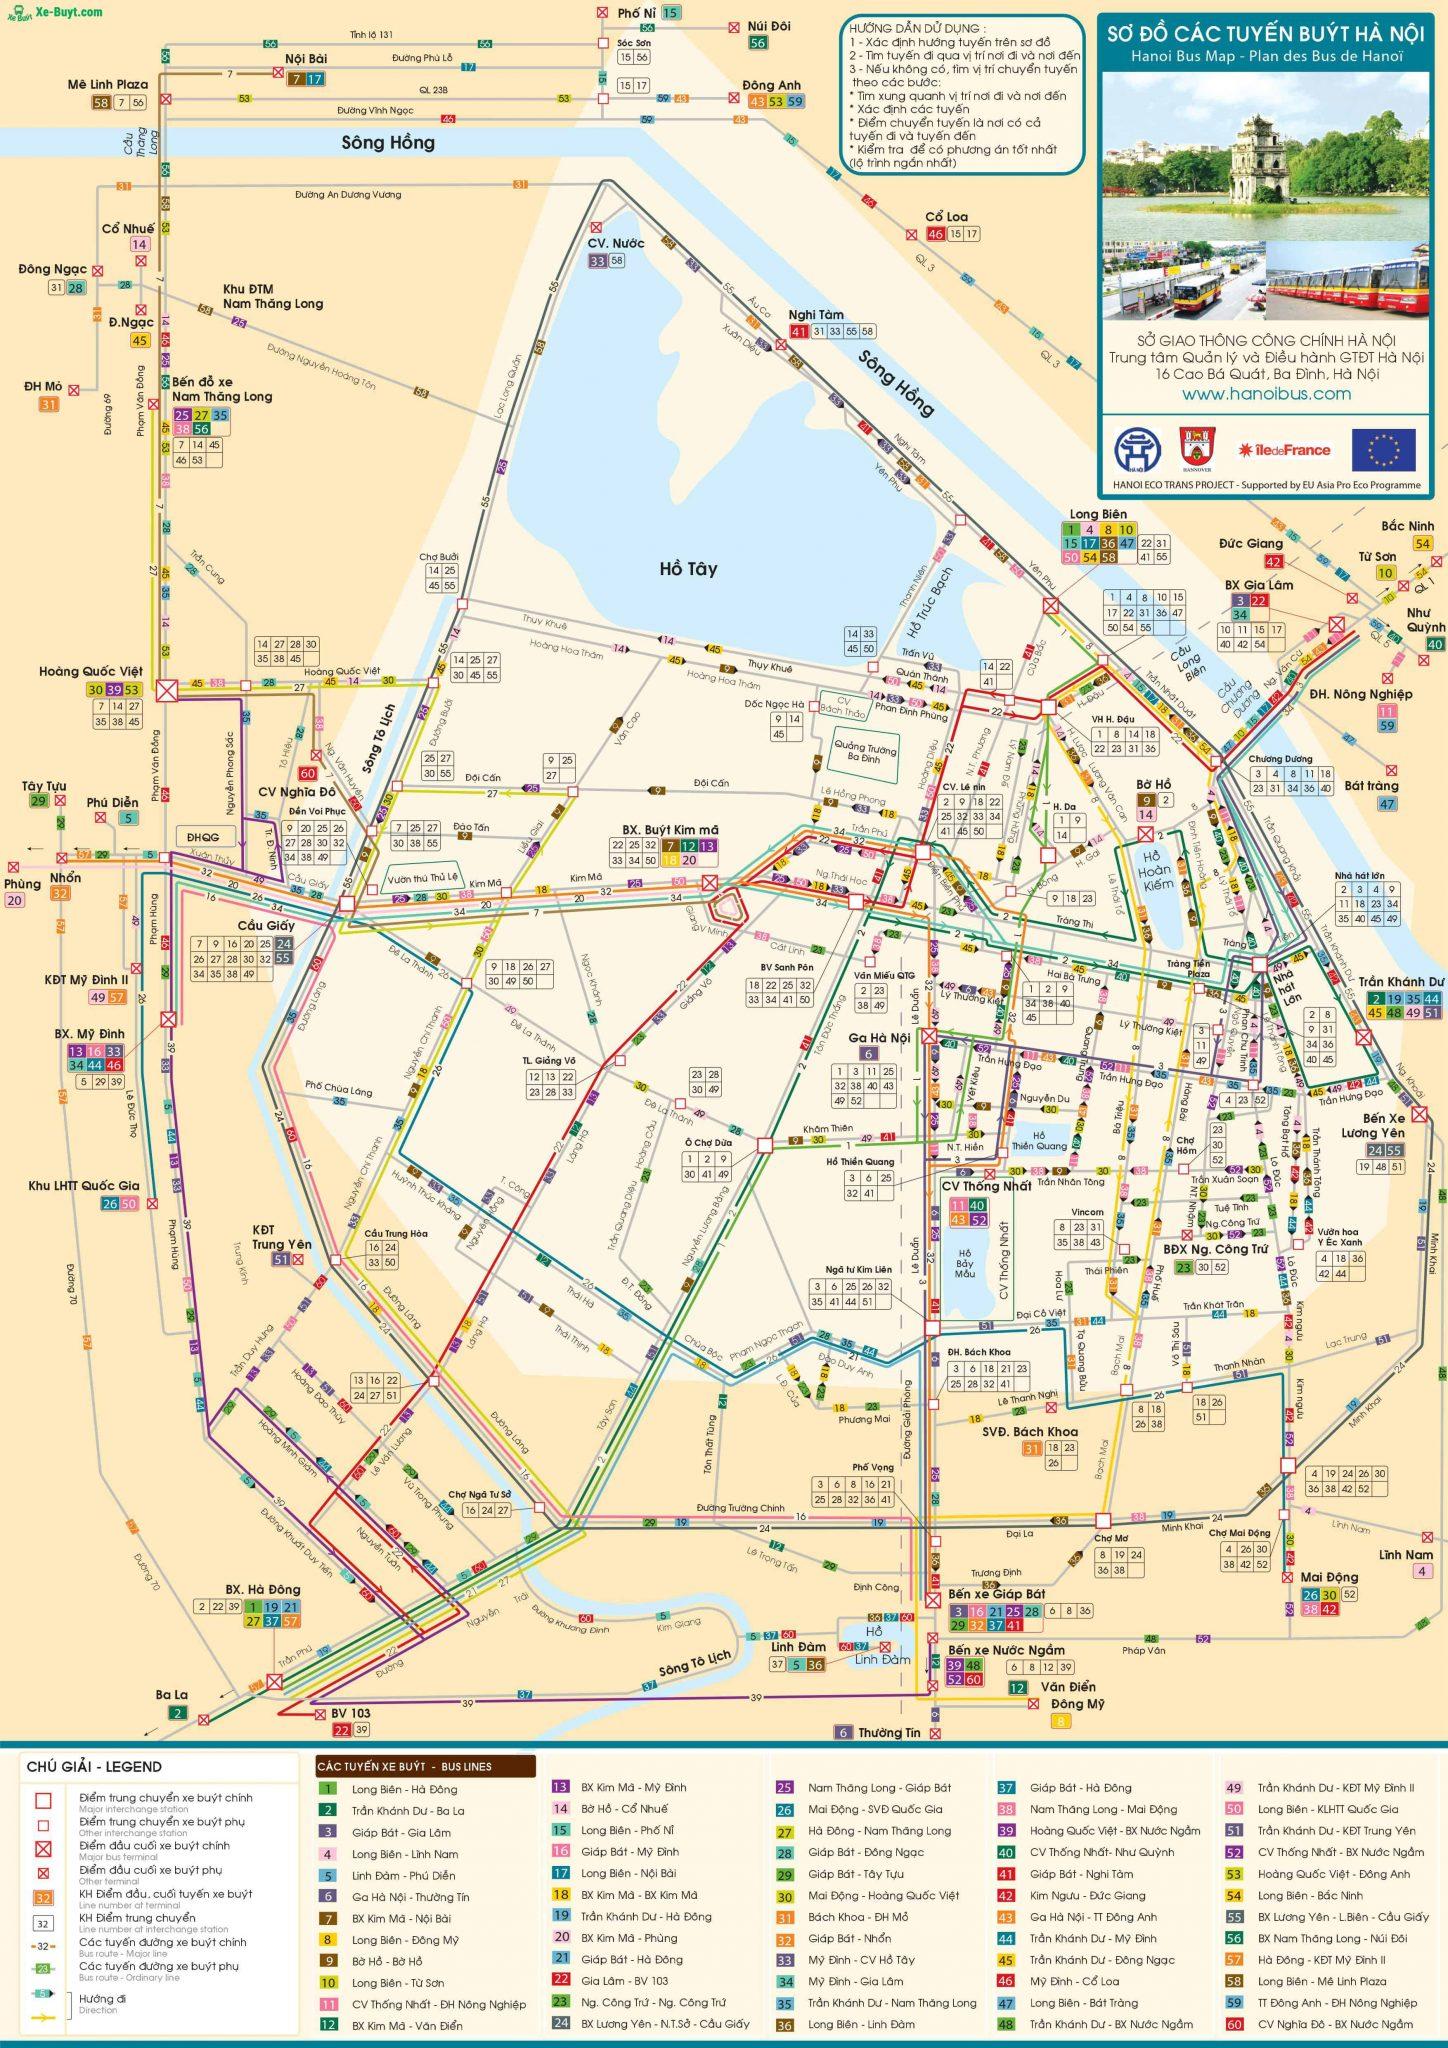 bản đồ xe bus hà nội mới nhất